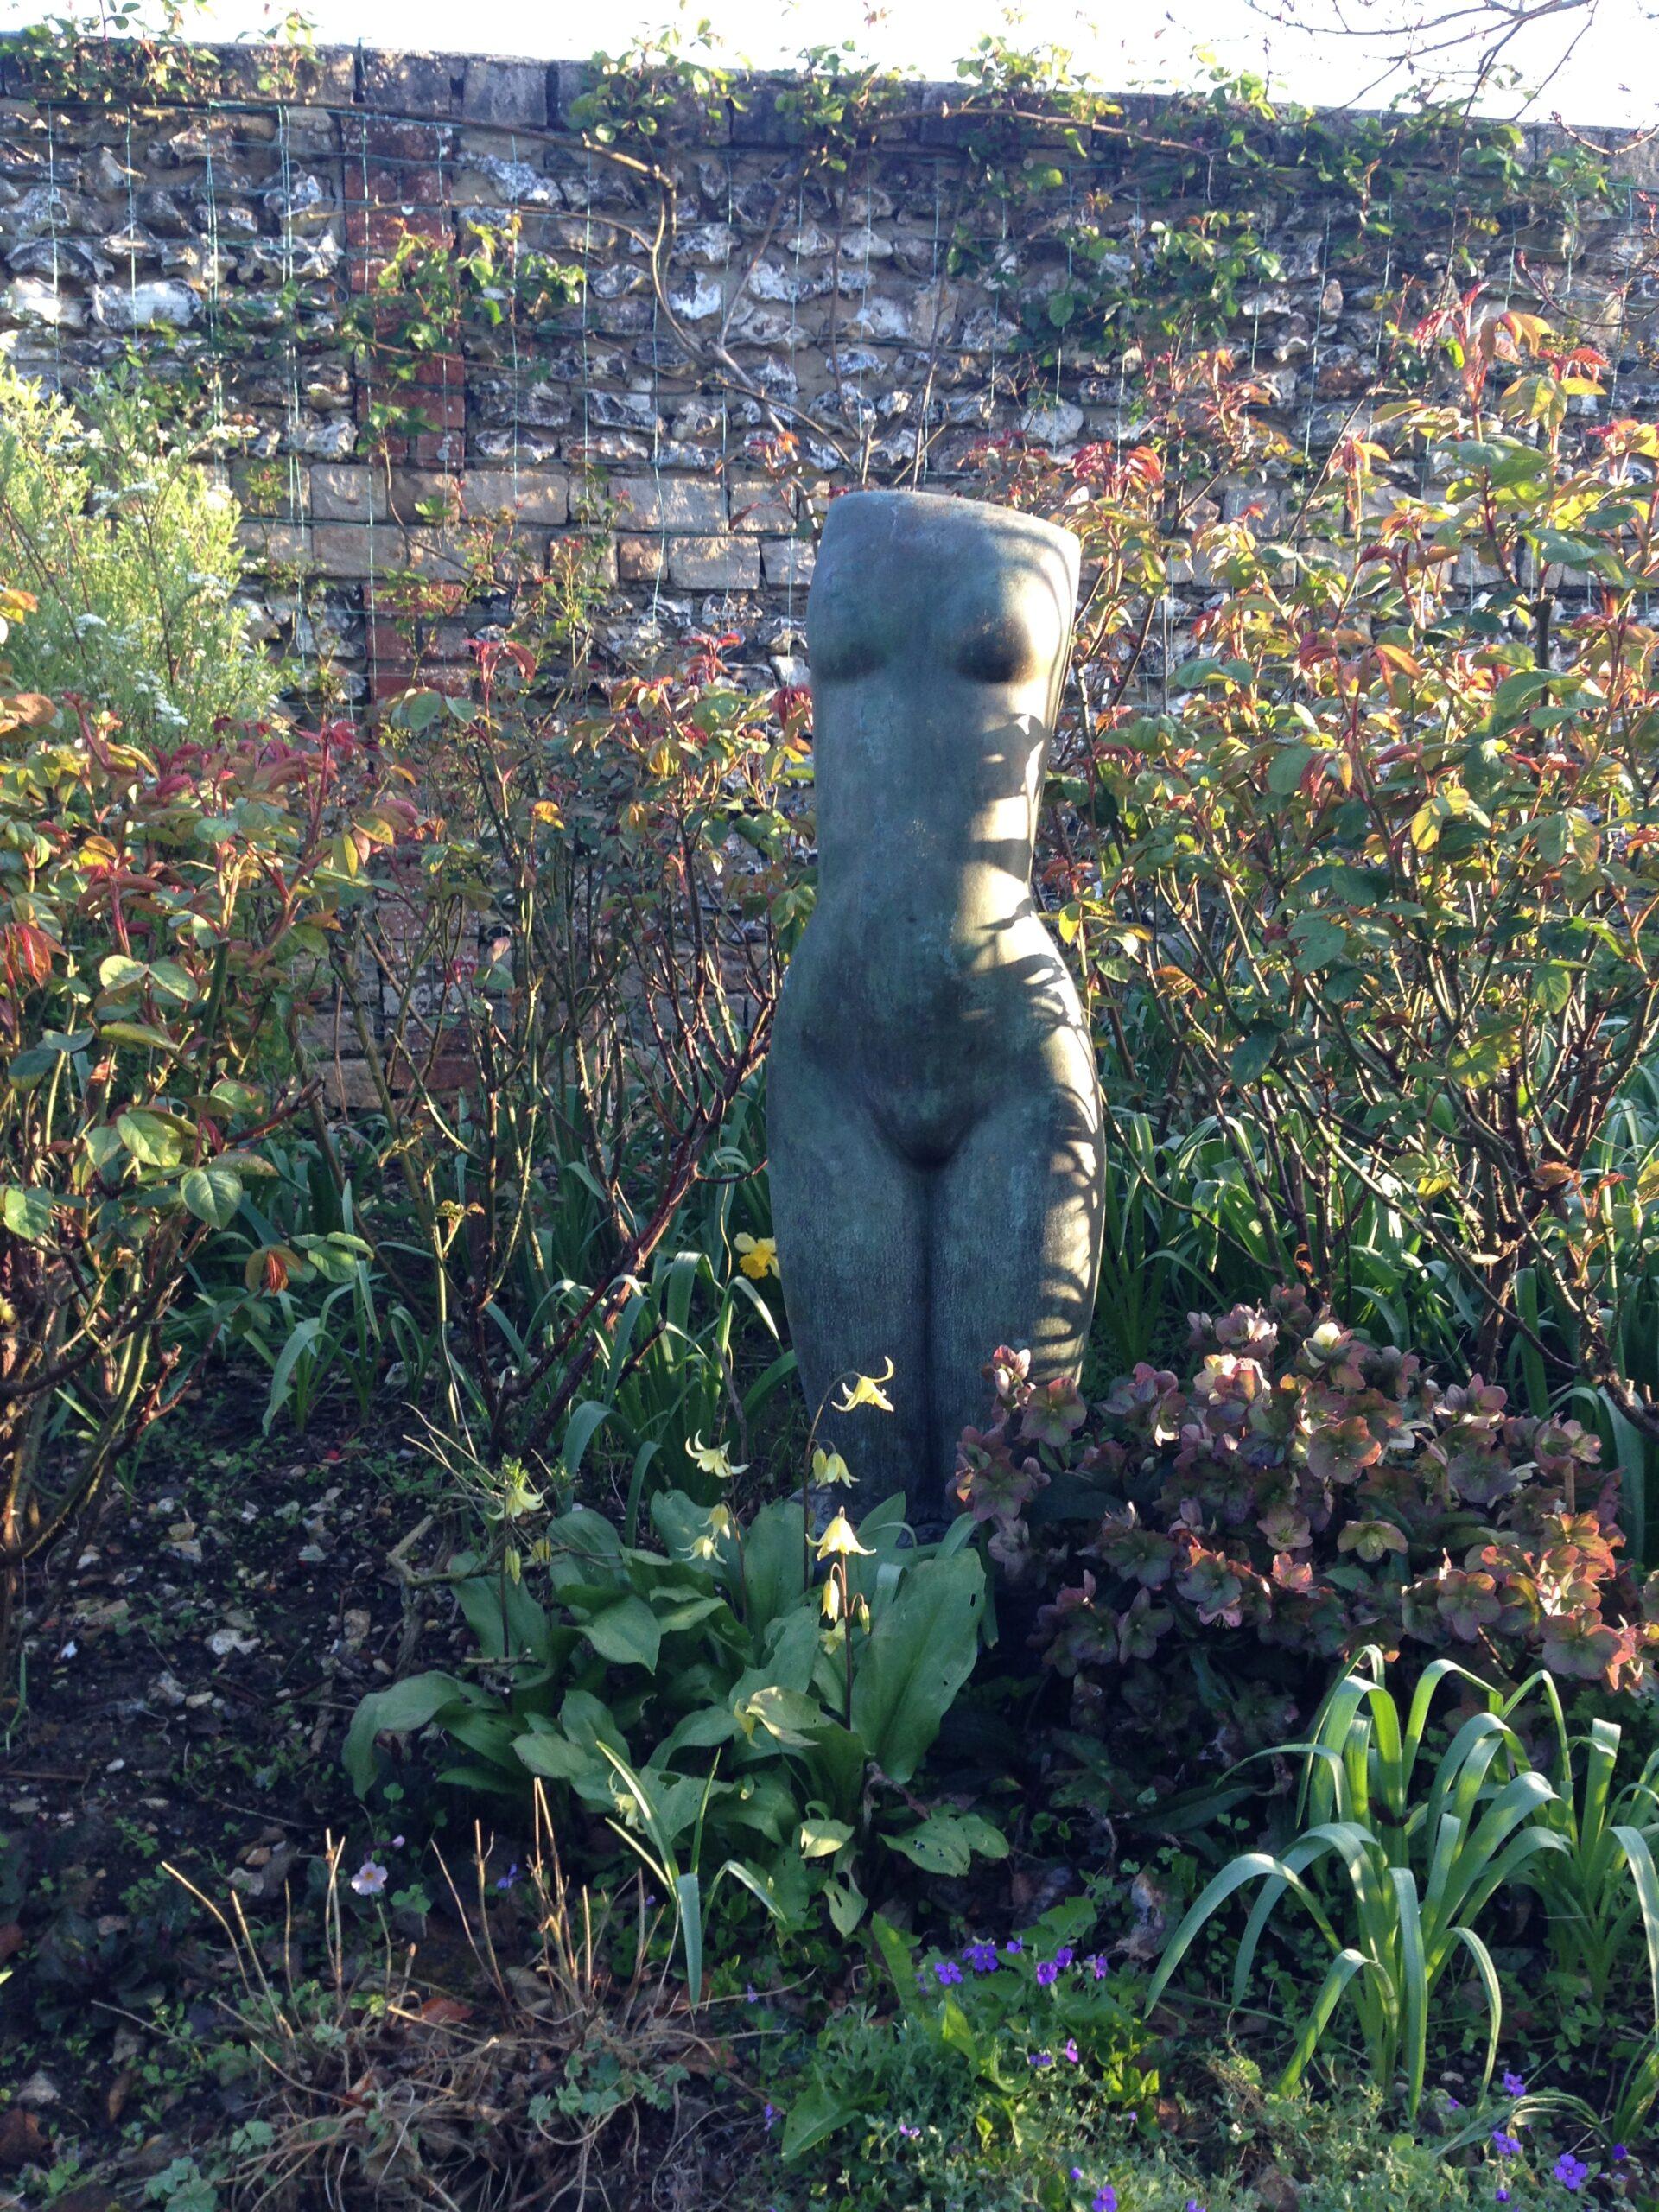 Elizabeth Gage from her Garden